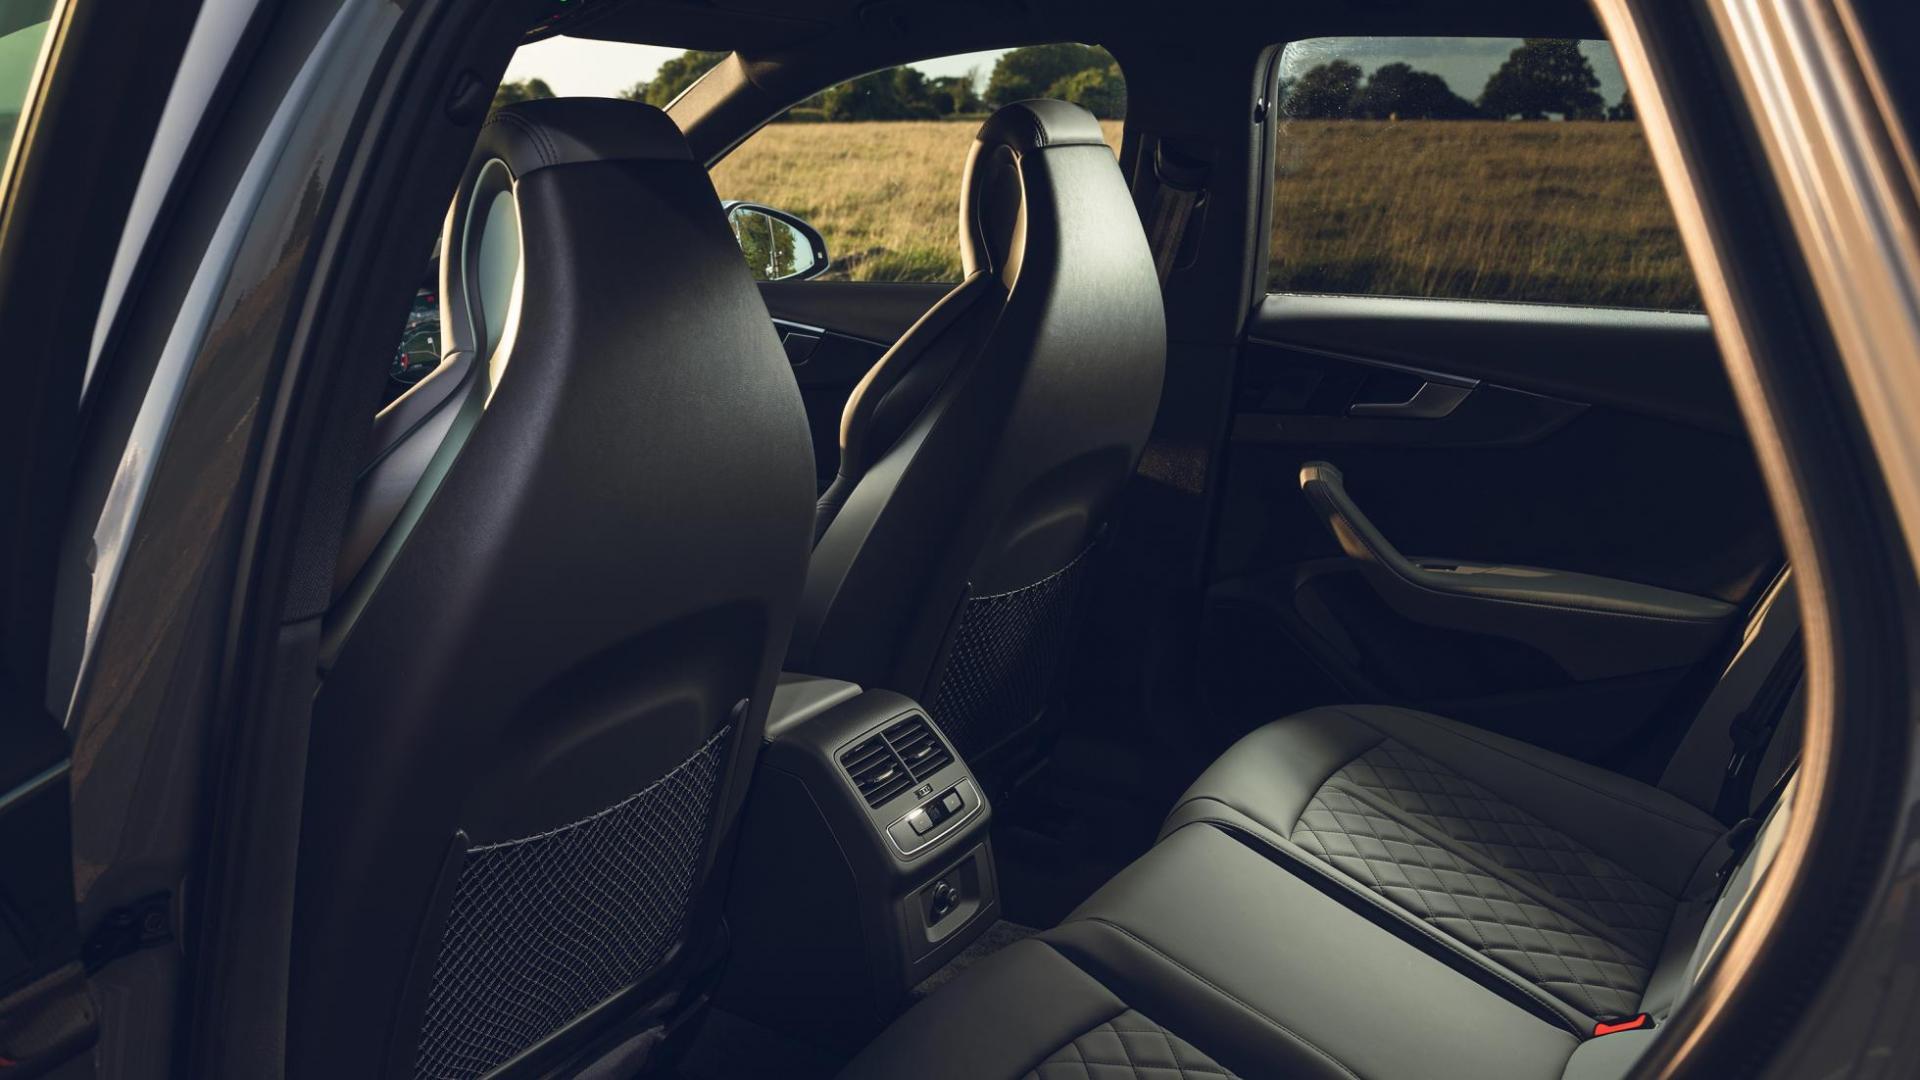 Audi S4 Avant 3.0 TDI Quattro interieur achter